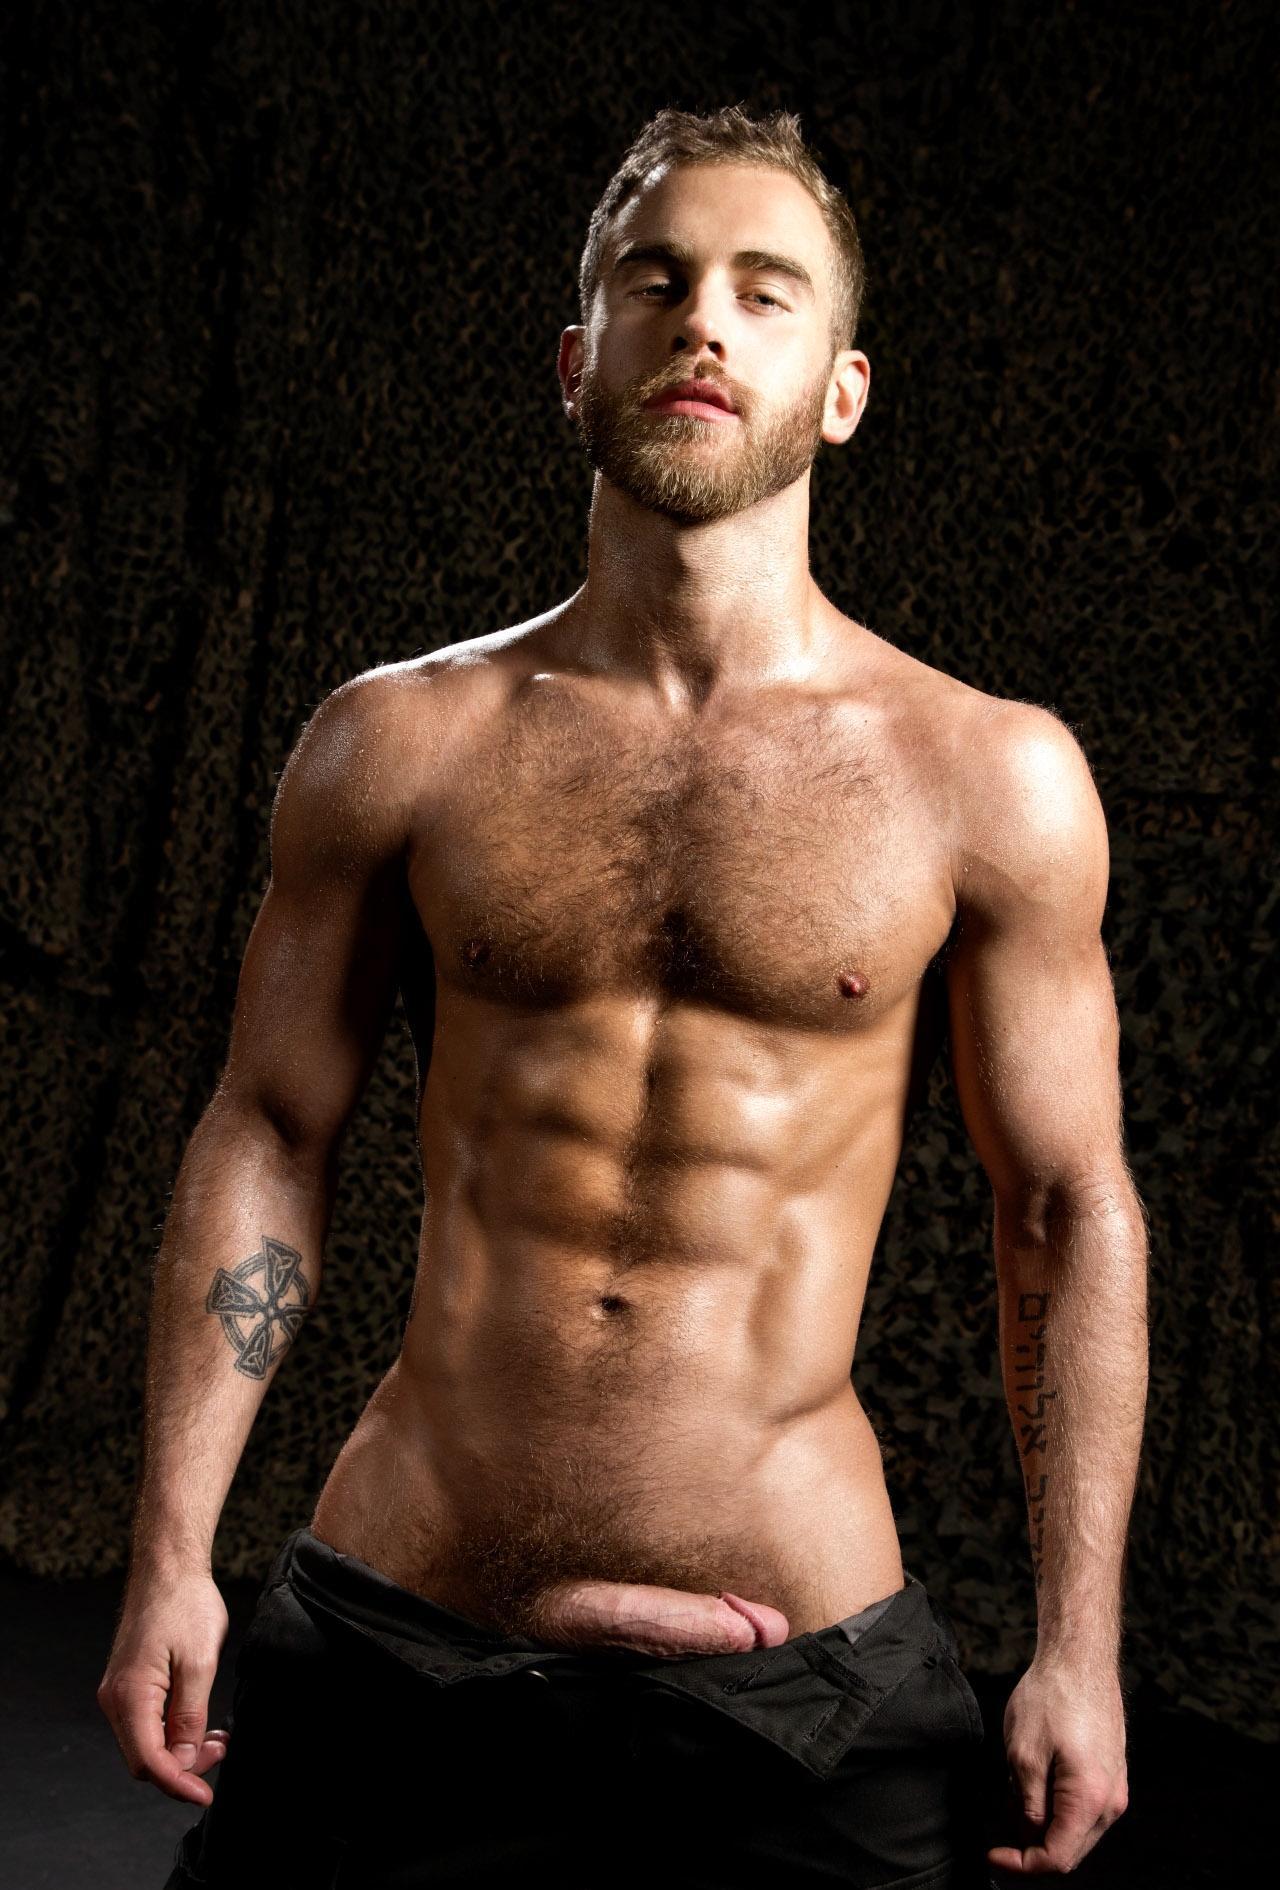 Voici une photo d'un bel homme nu blond avec une très belle bite et un corps parfait. Il est muclé, poilu, tatoué et barbu et entièrement à poil.